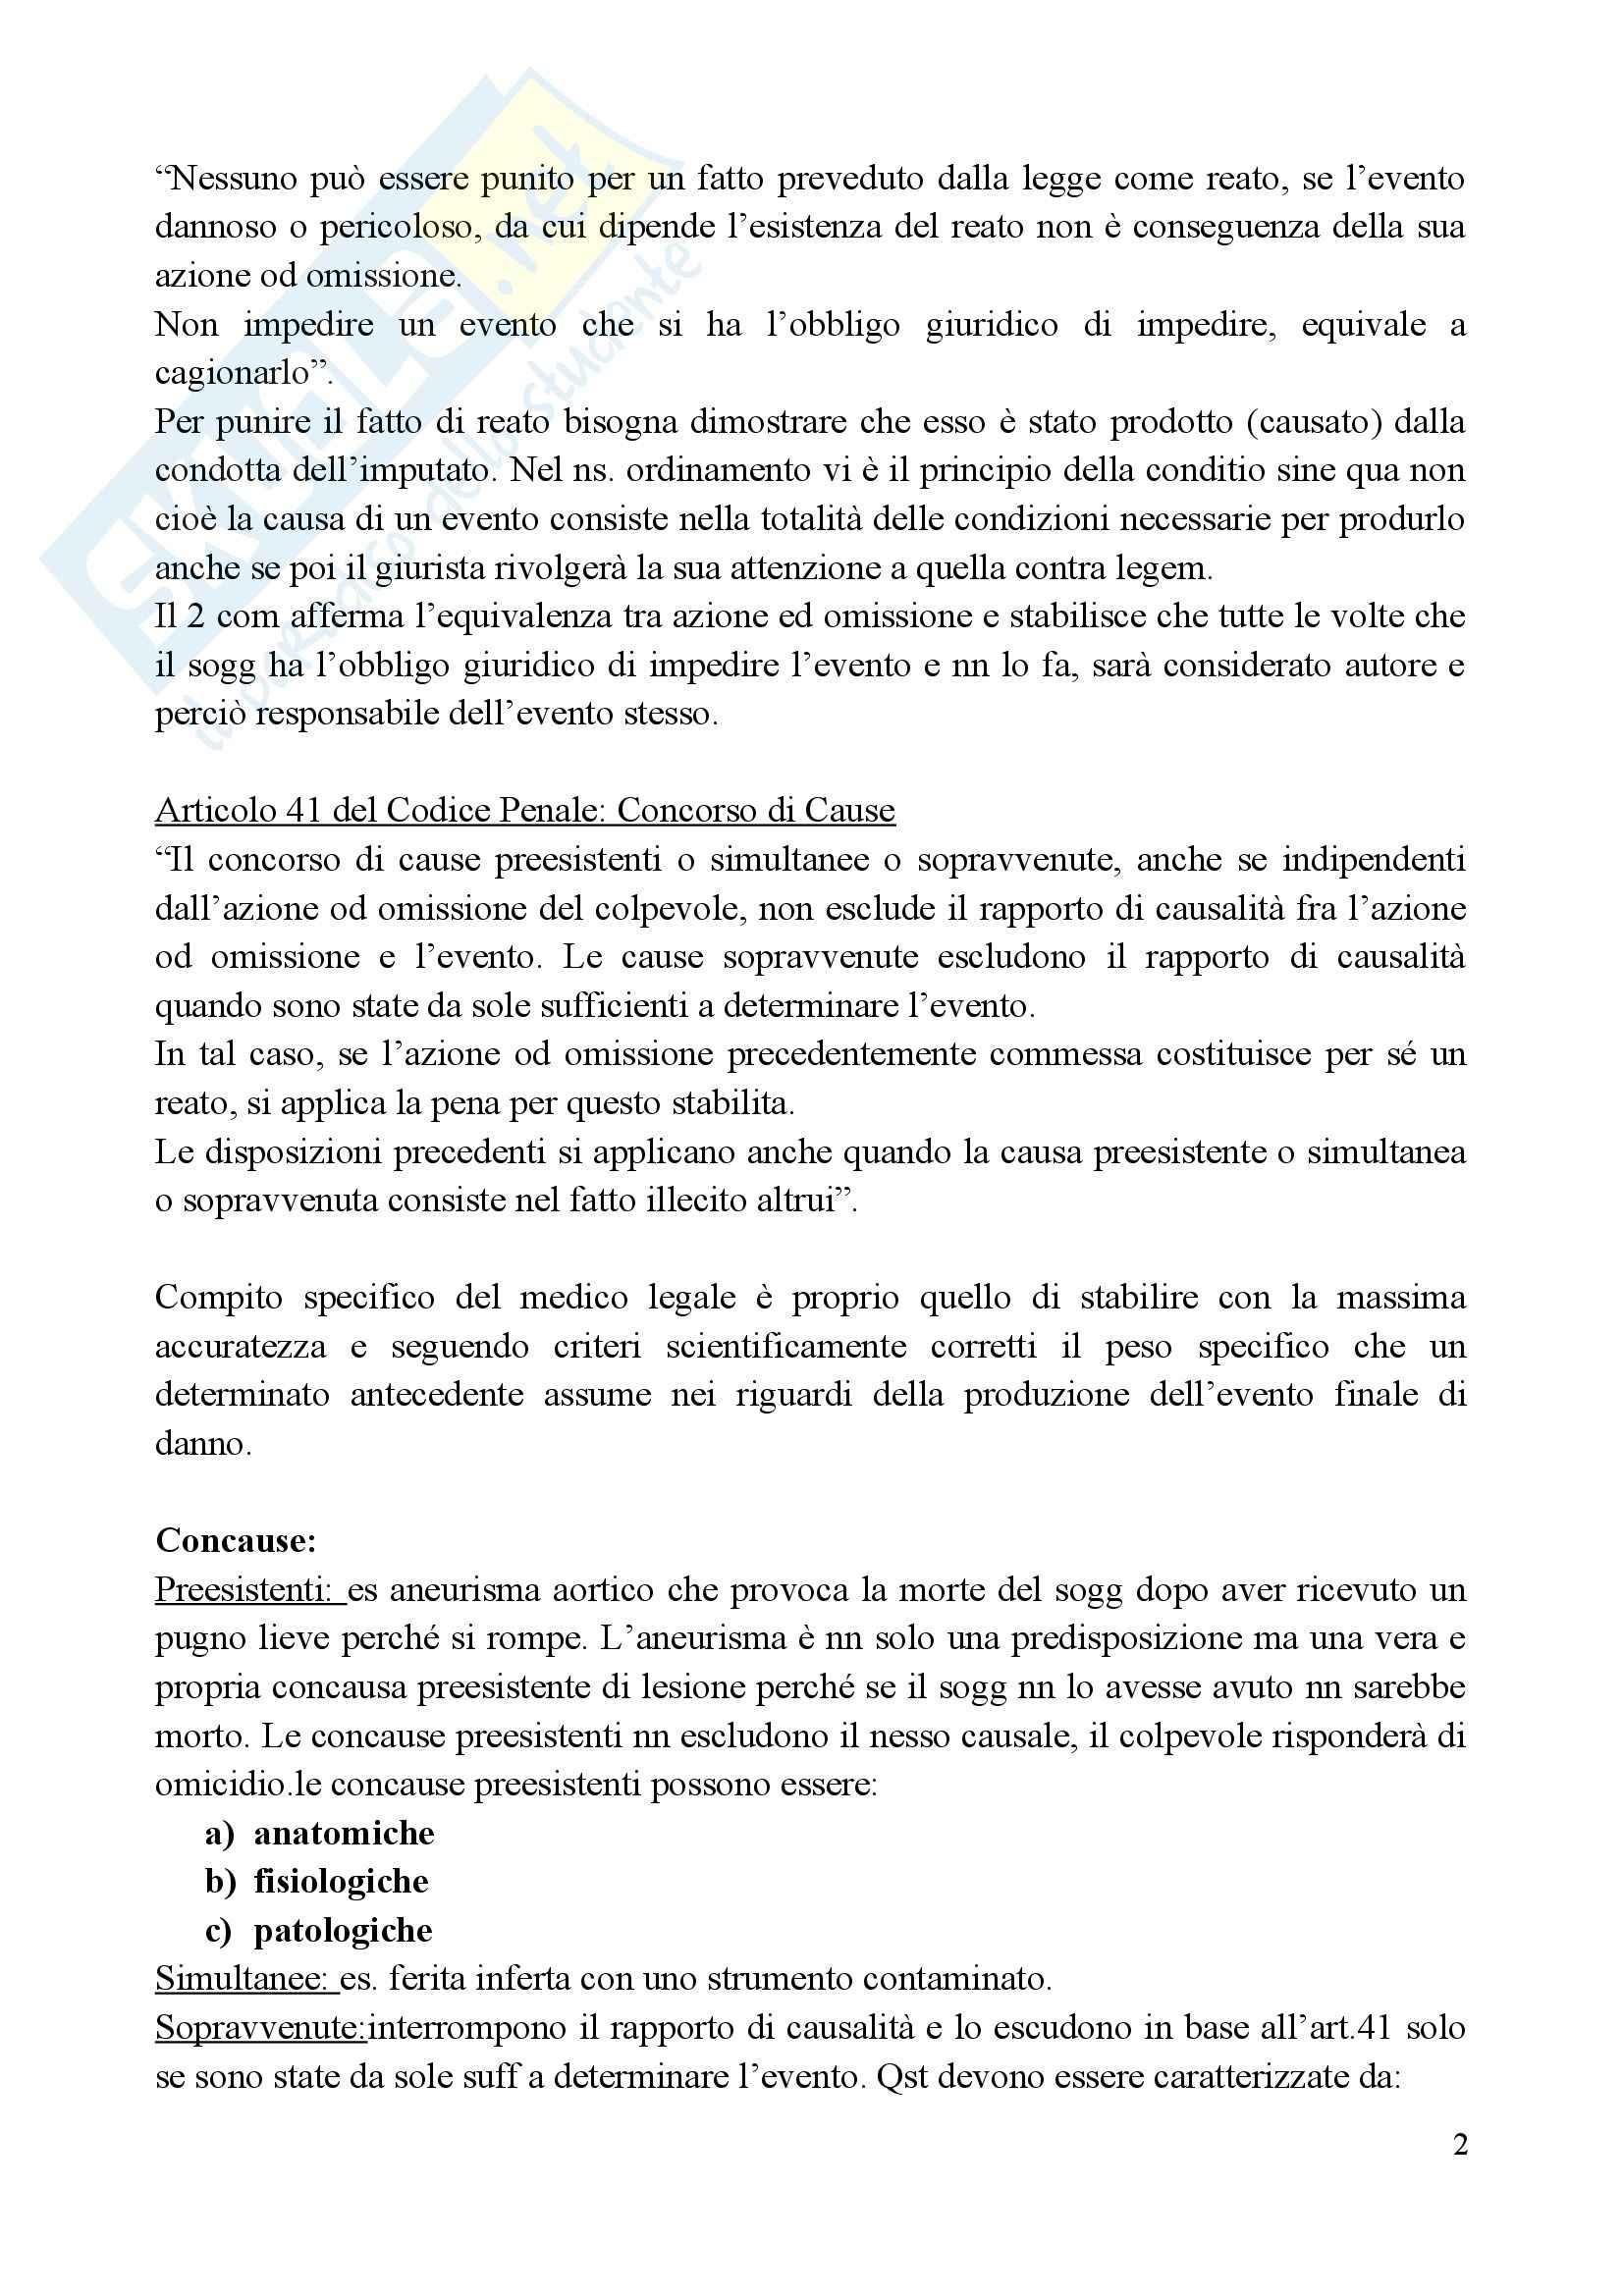 Medicina legale e delle Assicurazioni - il metodo med-legale Pag. 2